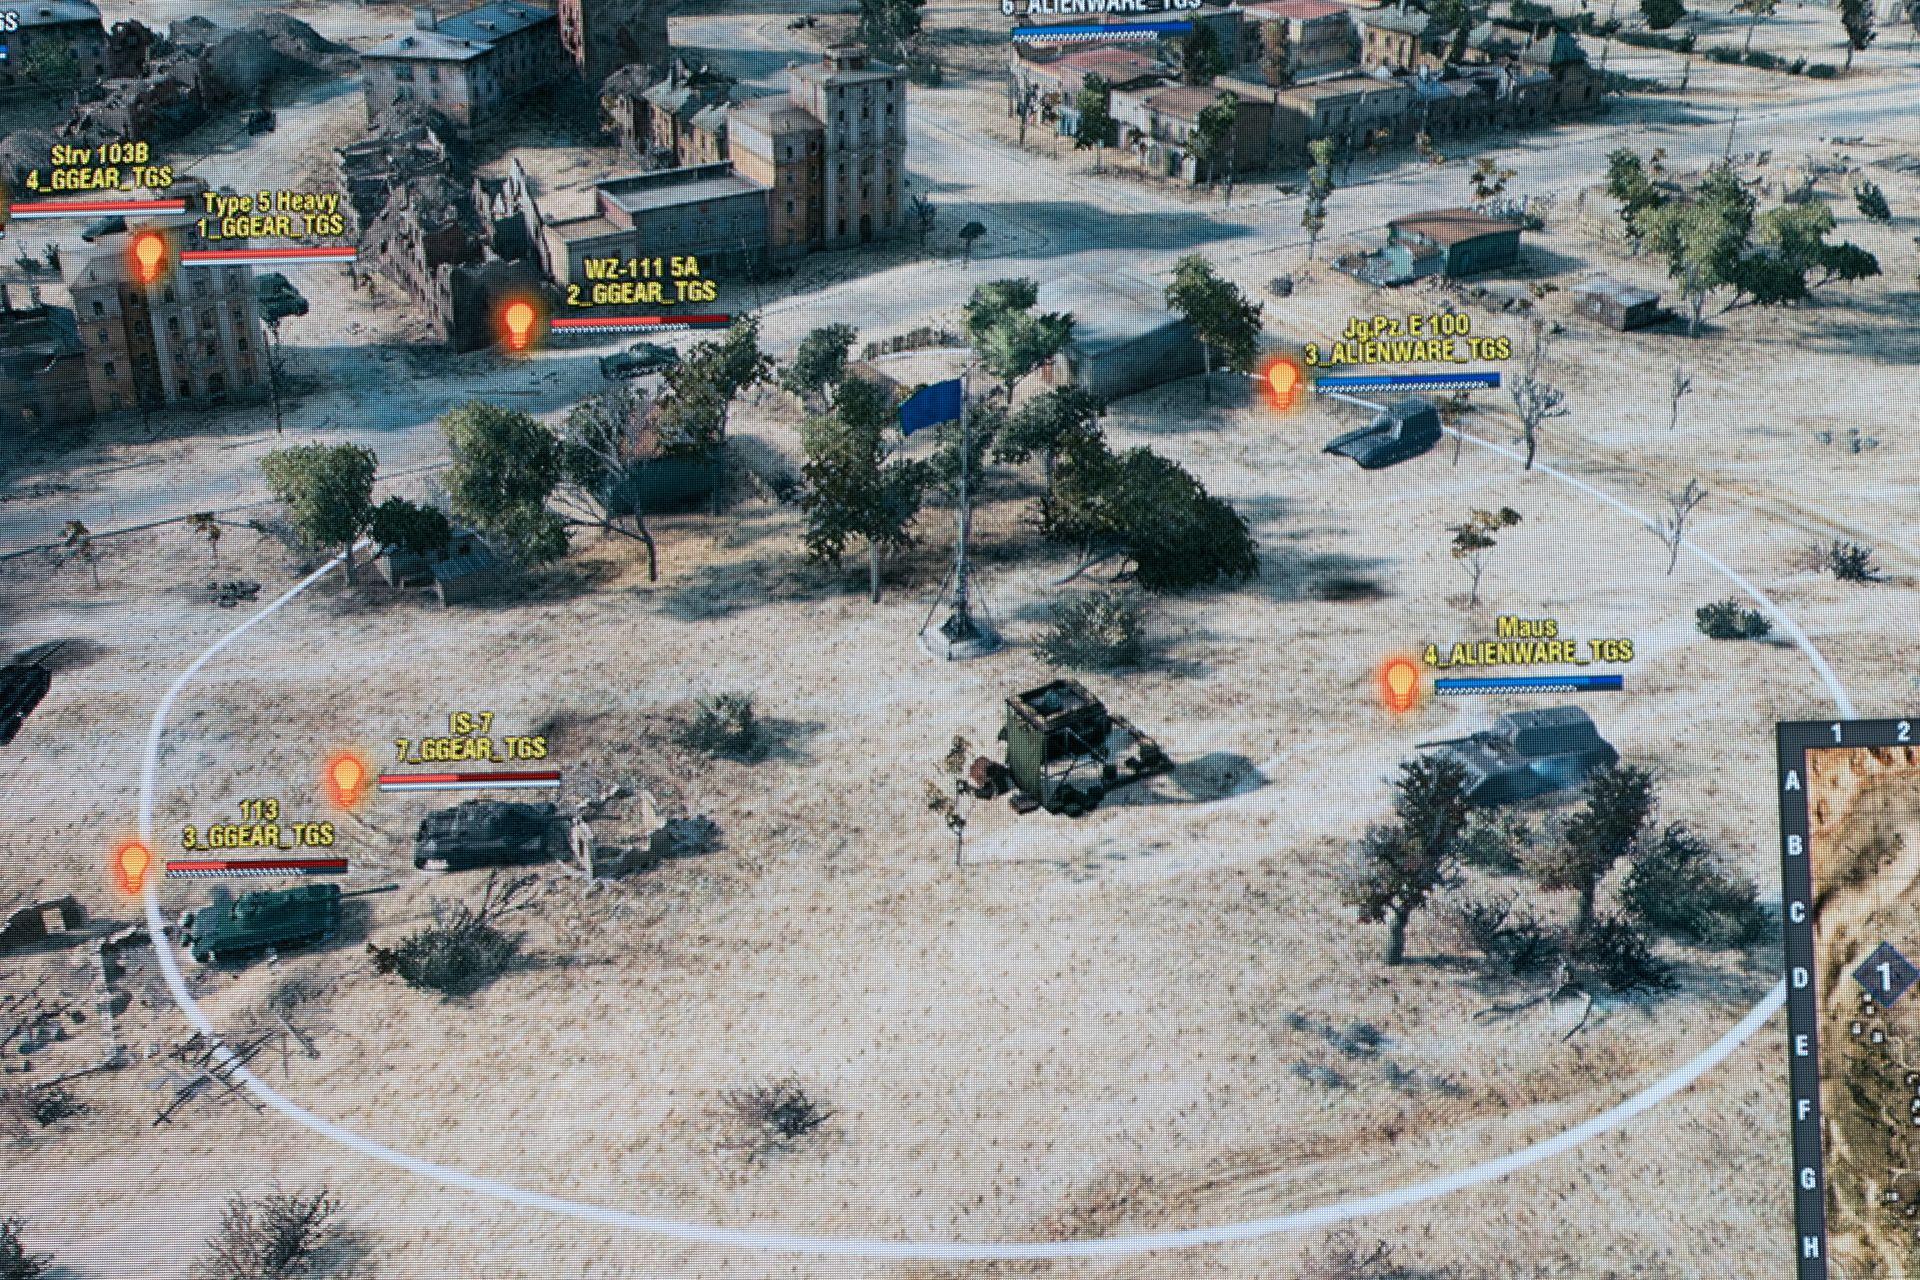 タイブレークでは早々に攻撃側(左下2両)が拠点に入り込む。ALIENWAREもこれに対応するが、拠点を緩く囲むG-Gear側の護衛に各個撃破されてしまう